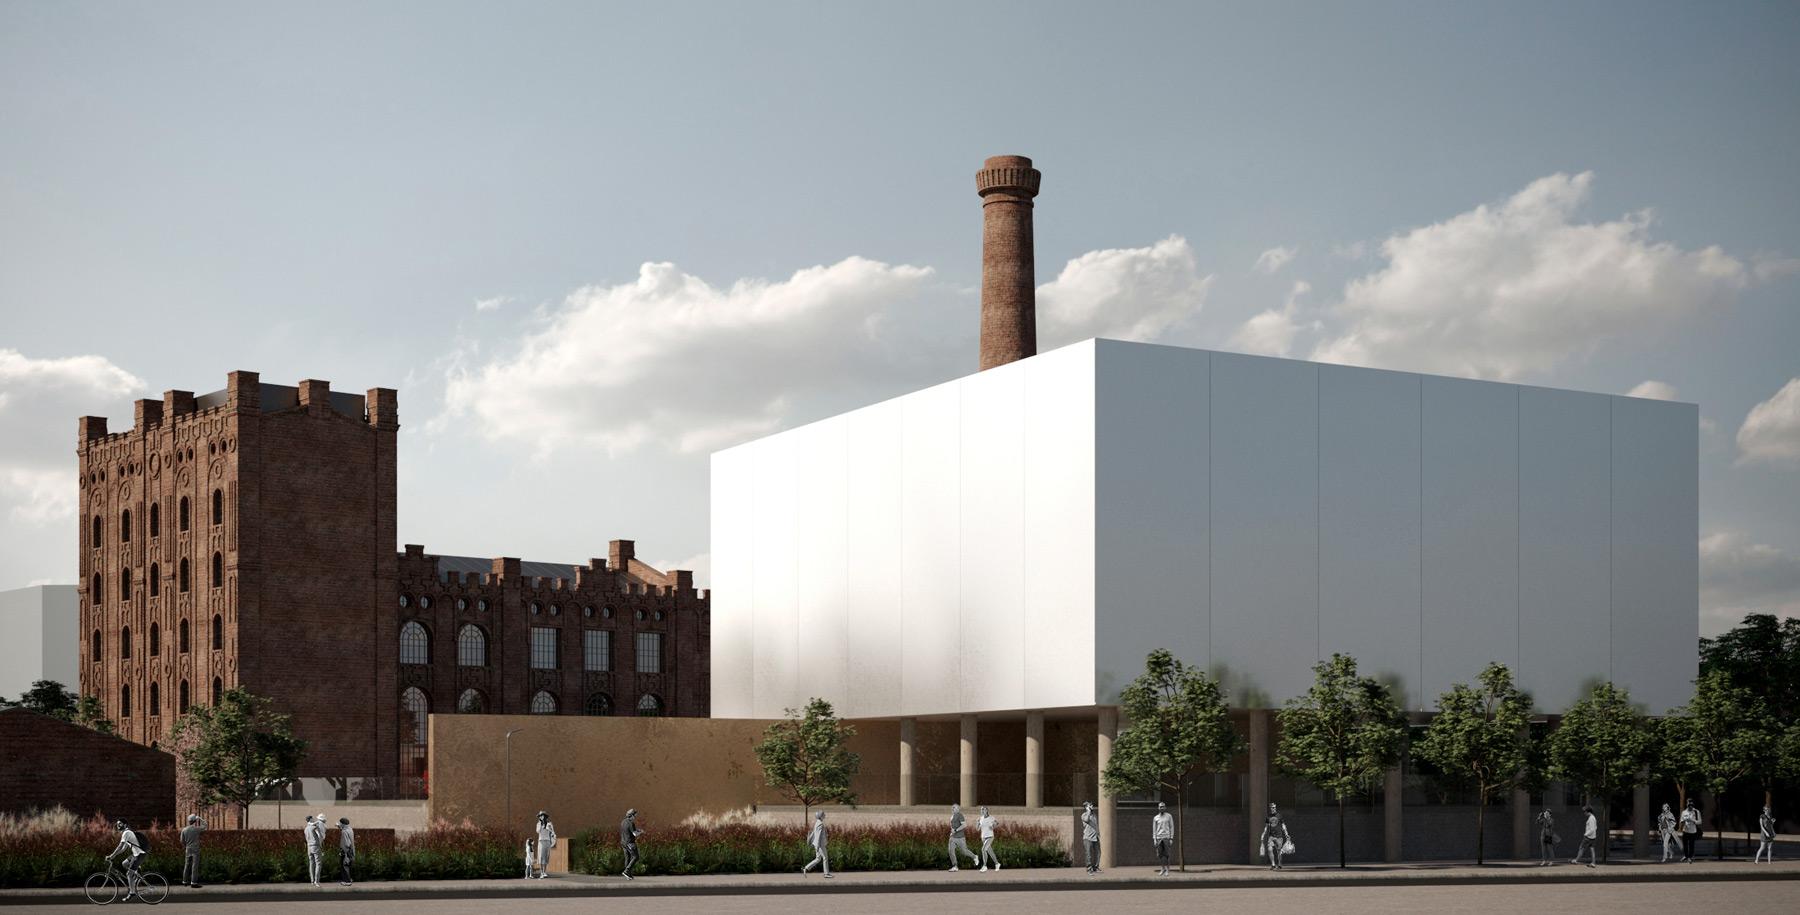 🏭 Київські архітектори запропонували проєкт реновації заводу Ріхерта — концепт від SHOVK